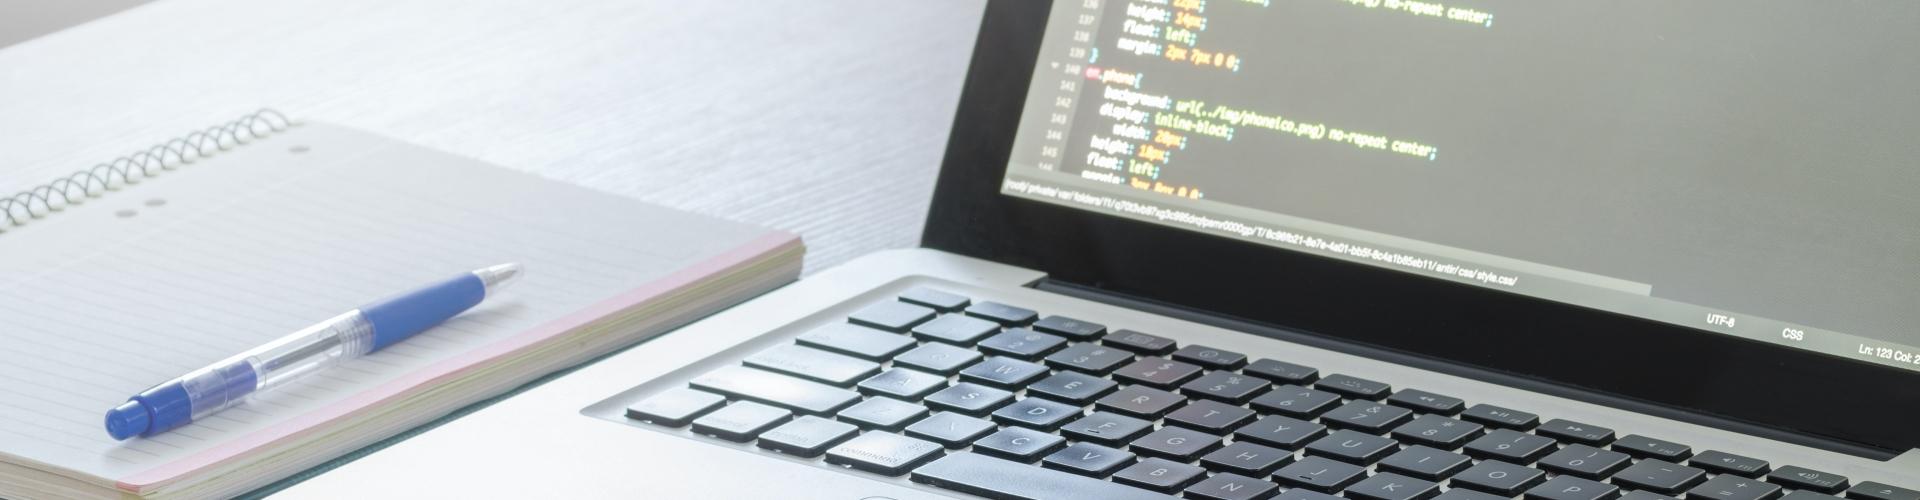 Web development cursus